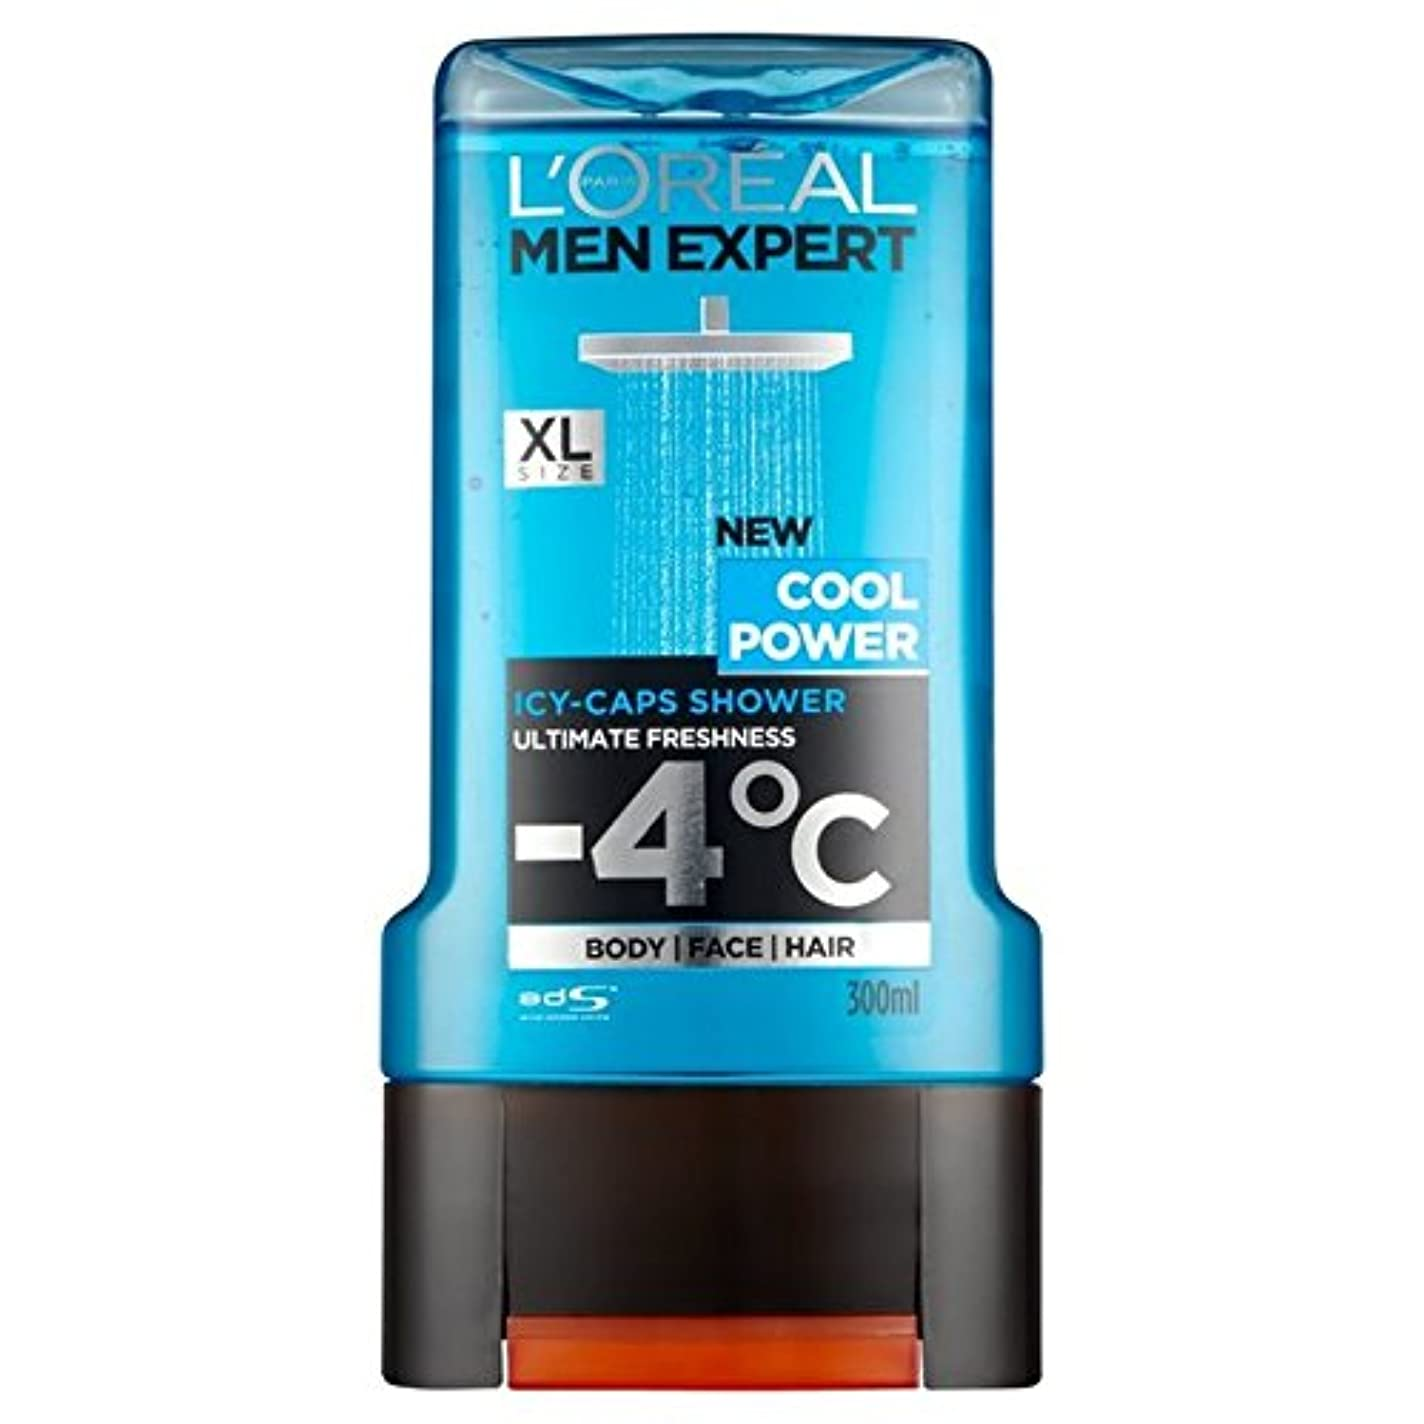 申し立てグリーンランドステップロレアルパリの男性の専門家のクールなパワーシャワージェル300ミリリットル x2 - L'Oreal Paris Men Expert Cool Power Shower Gel 300ml (Pack of 2) [並行輸入品]